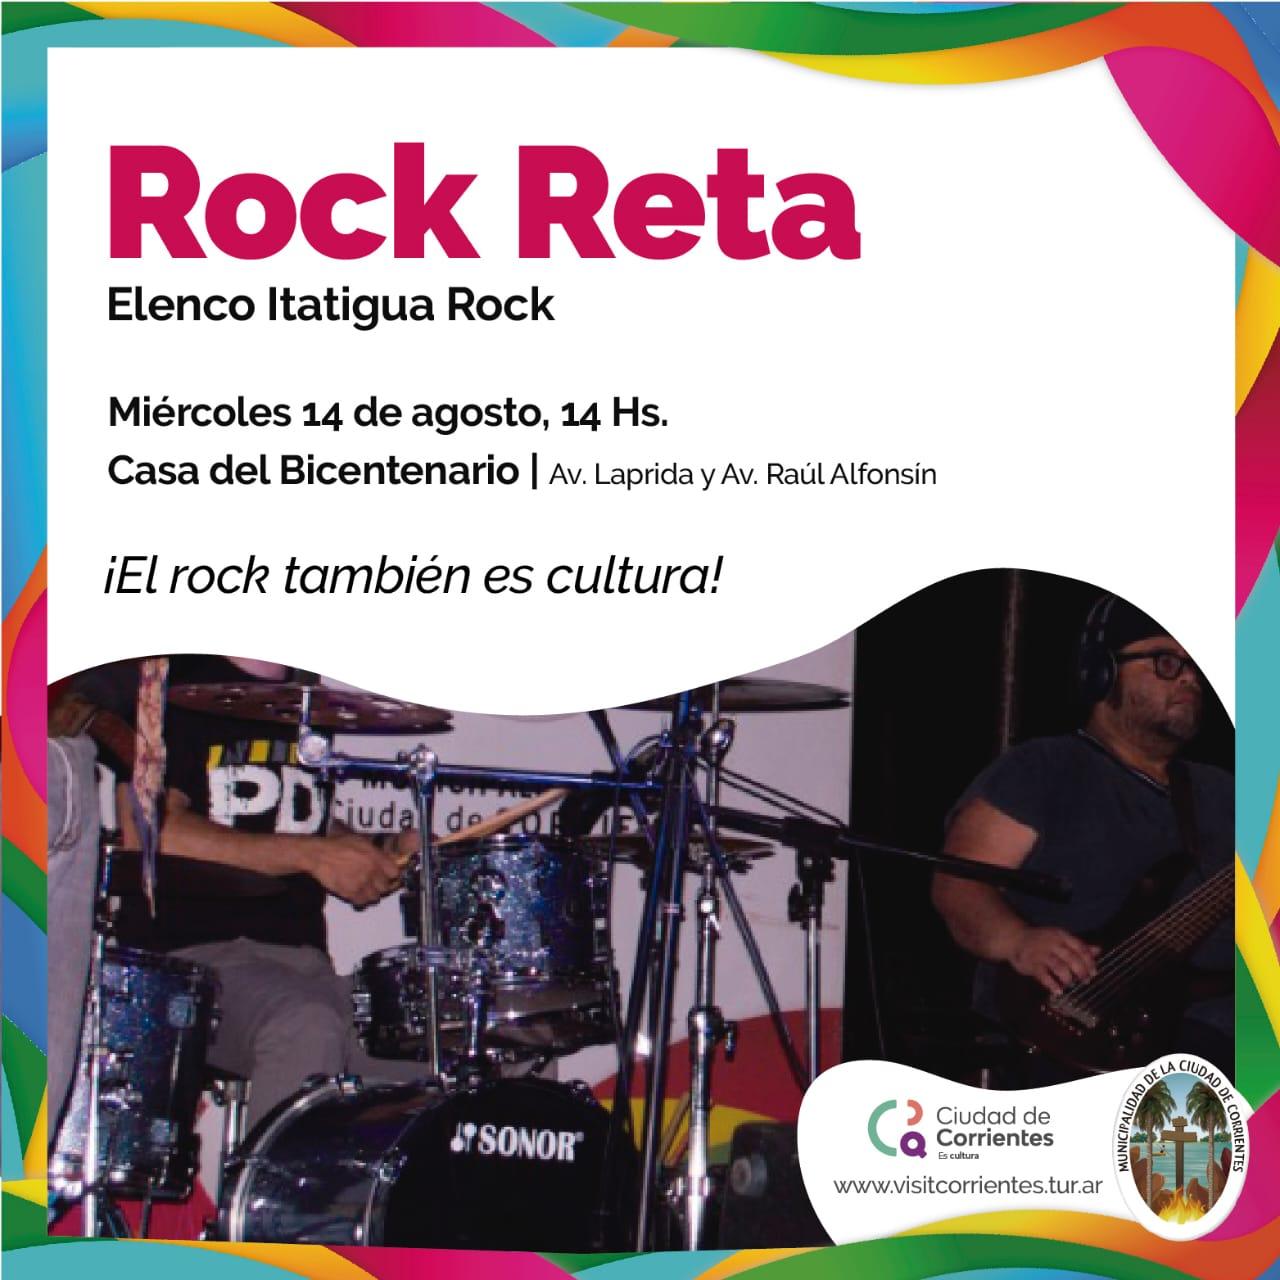 Rock Reta, una propuesta musical inclusiva en Casa del Bicentenario